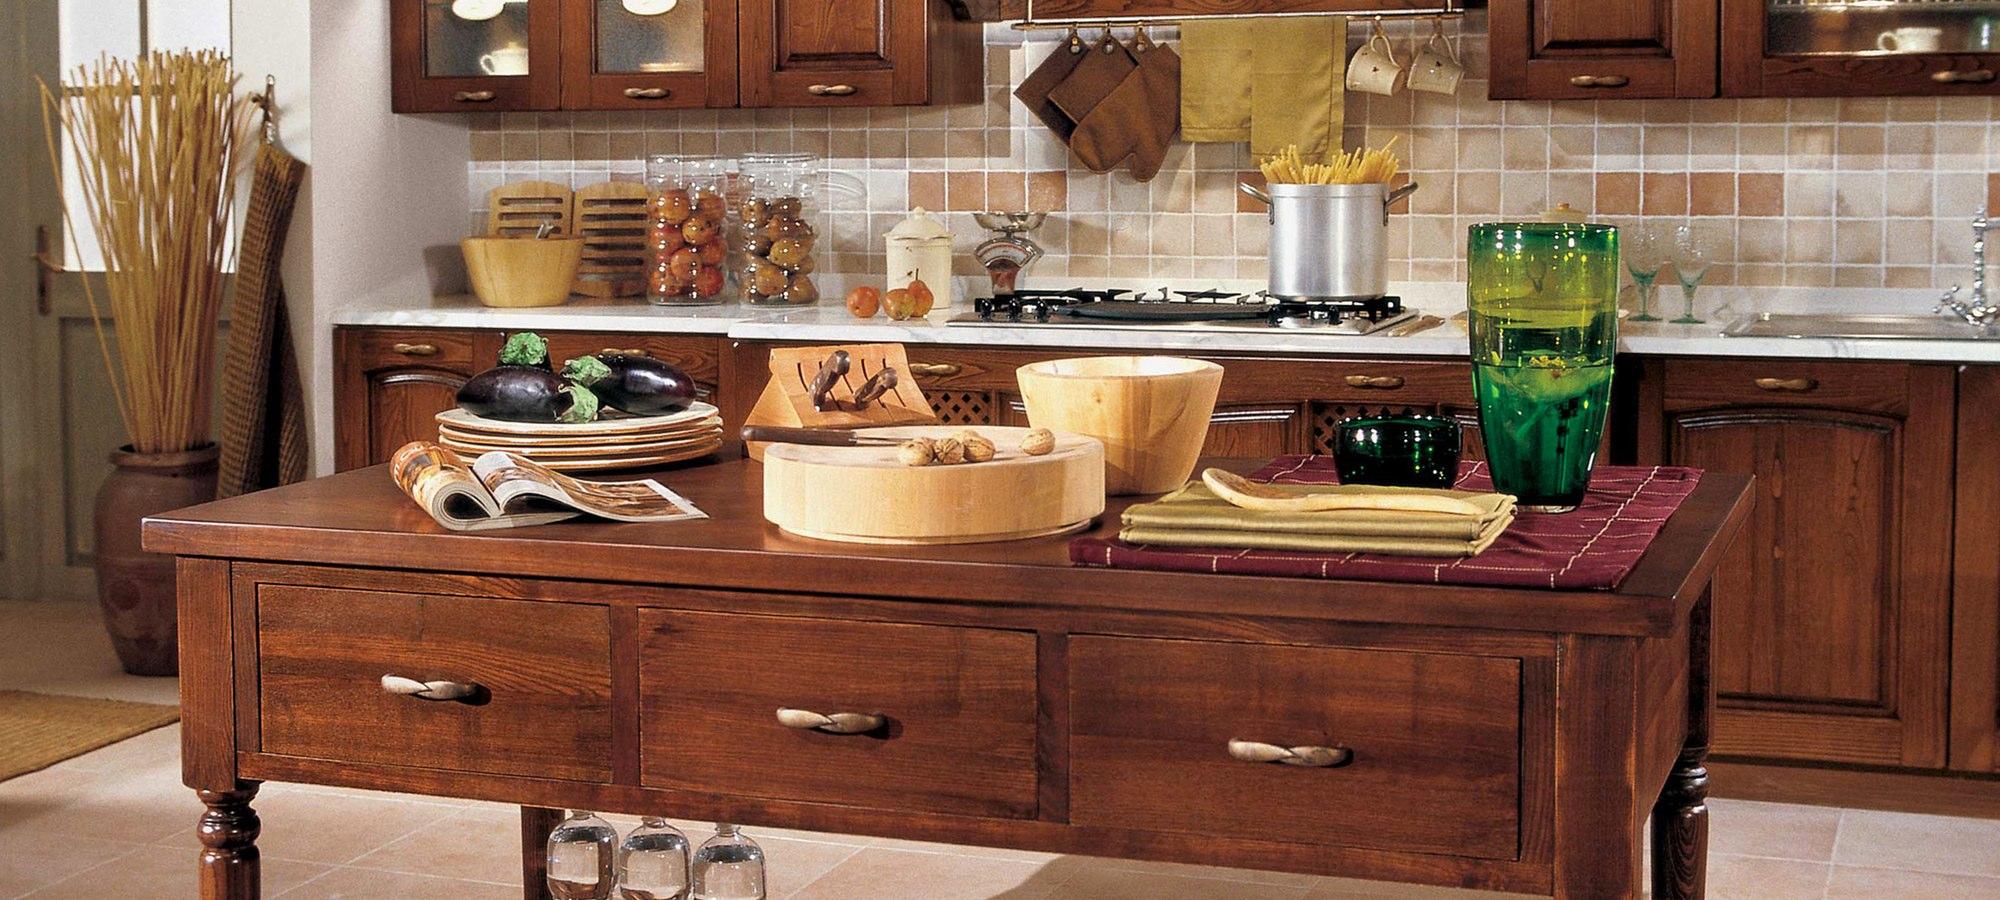 Cucine Classiche – Pagina 3 – Brennero Case Stili di Maistri Arreda Srl